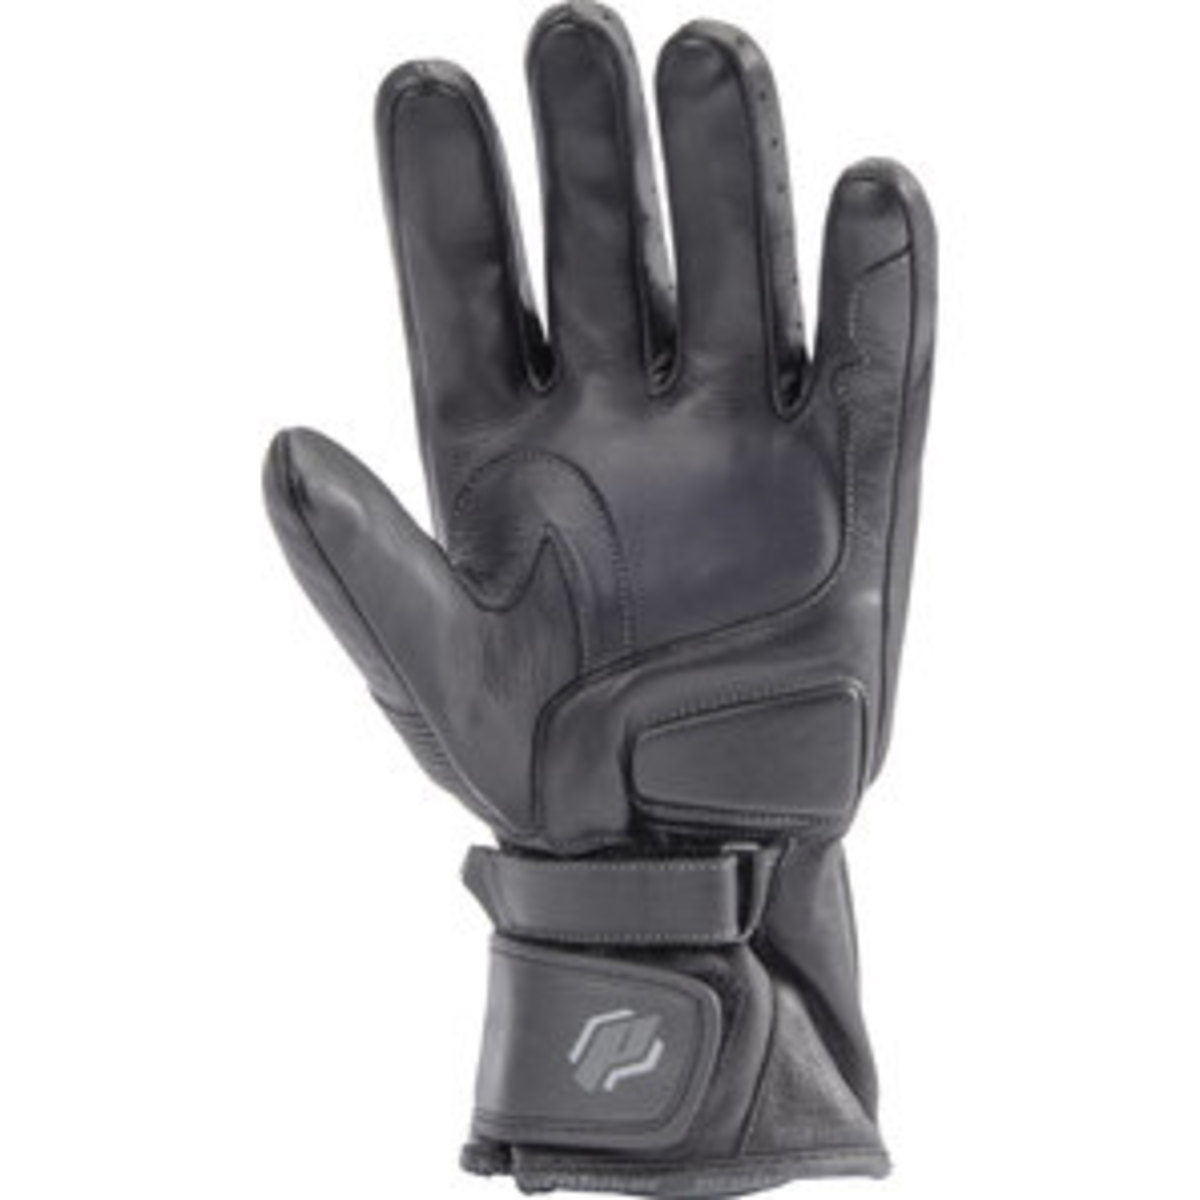 Bild 3 von Probiker Traveler LSE 80        Handschuhe